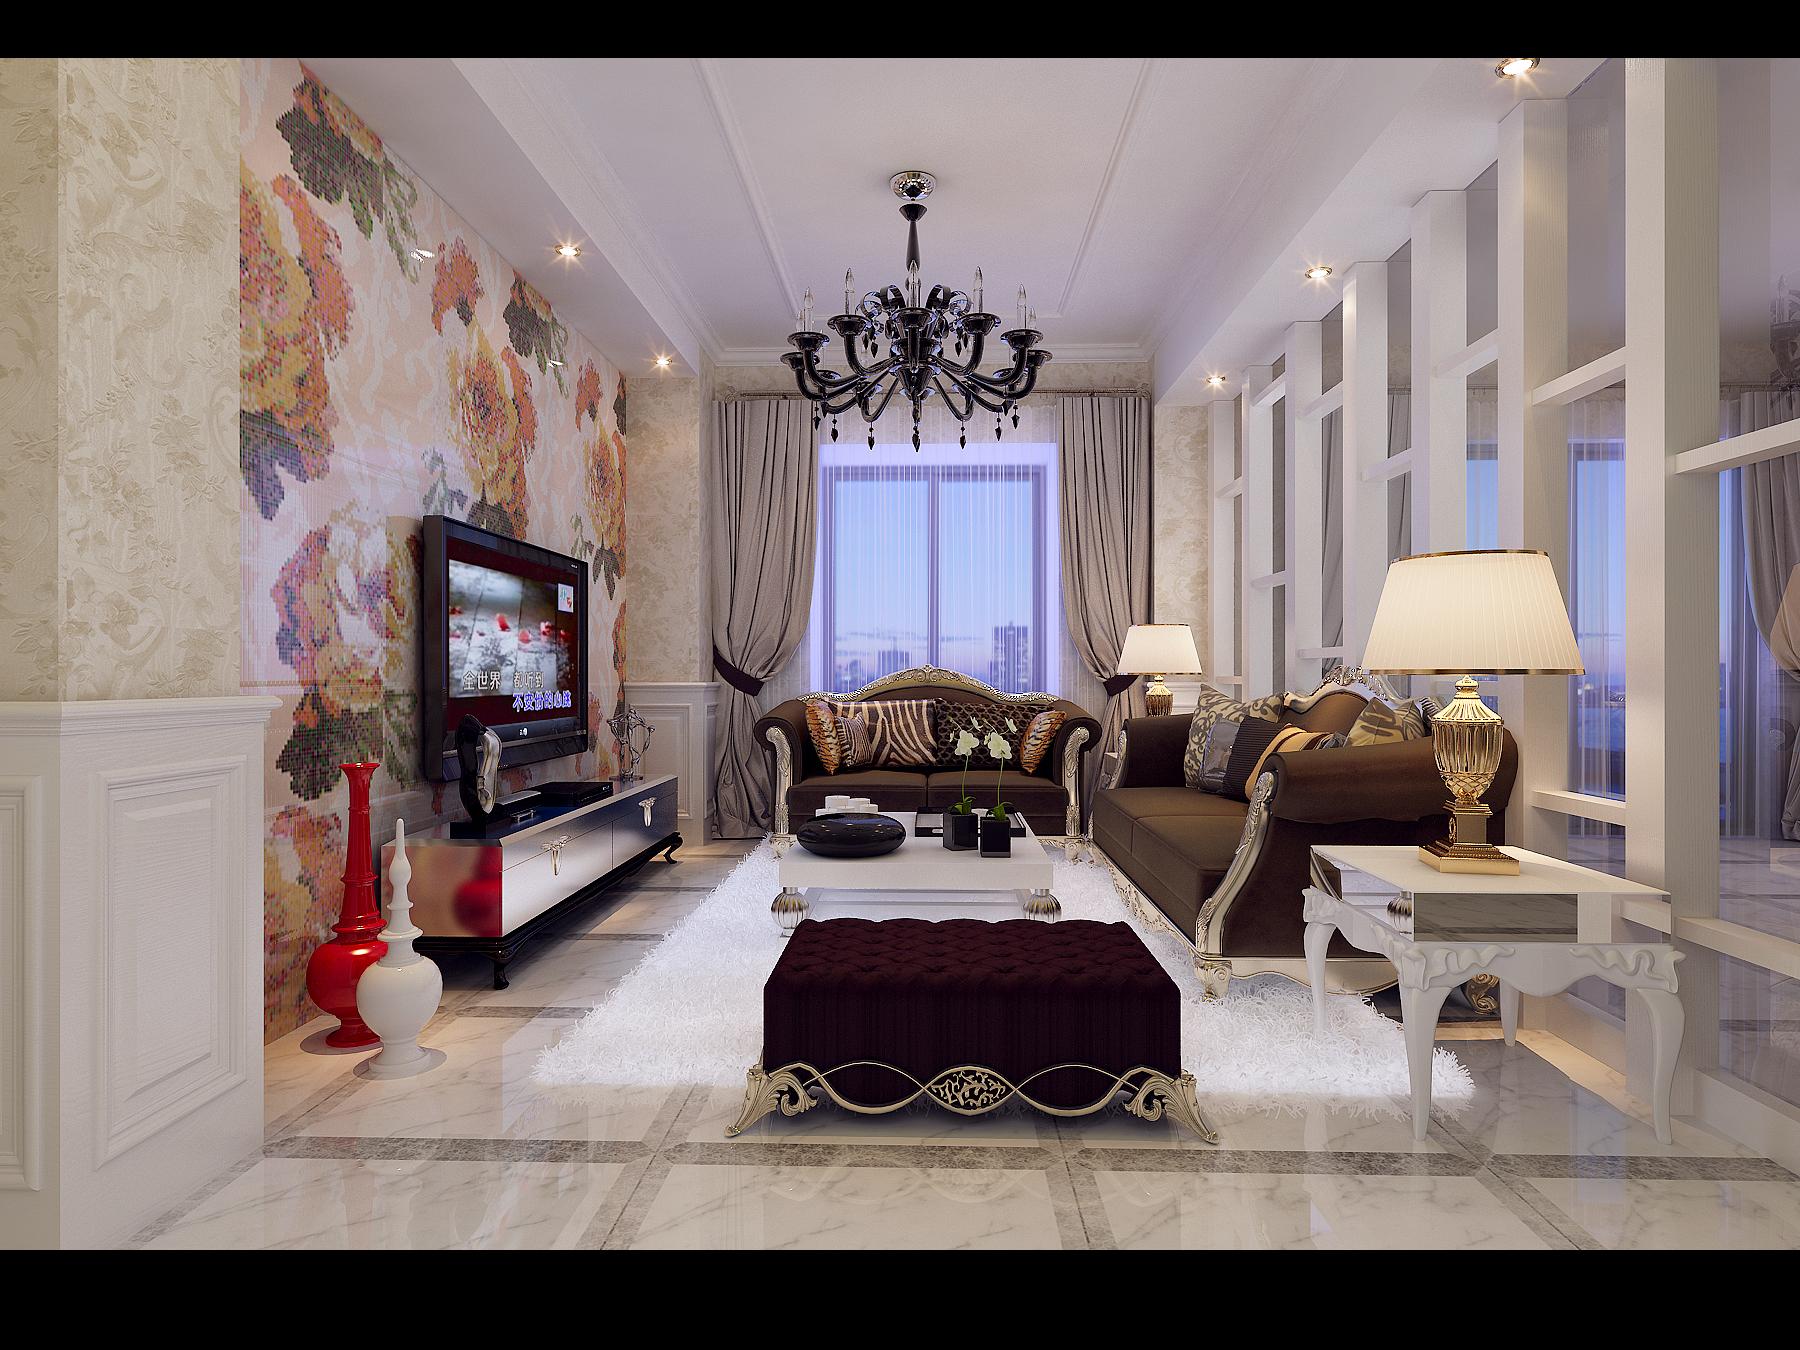 混搭 客厅图片来自用户5209220116在波光霞影的分享